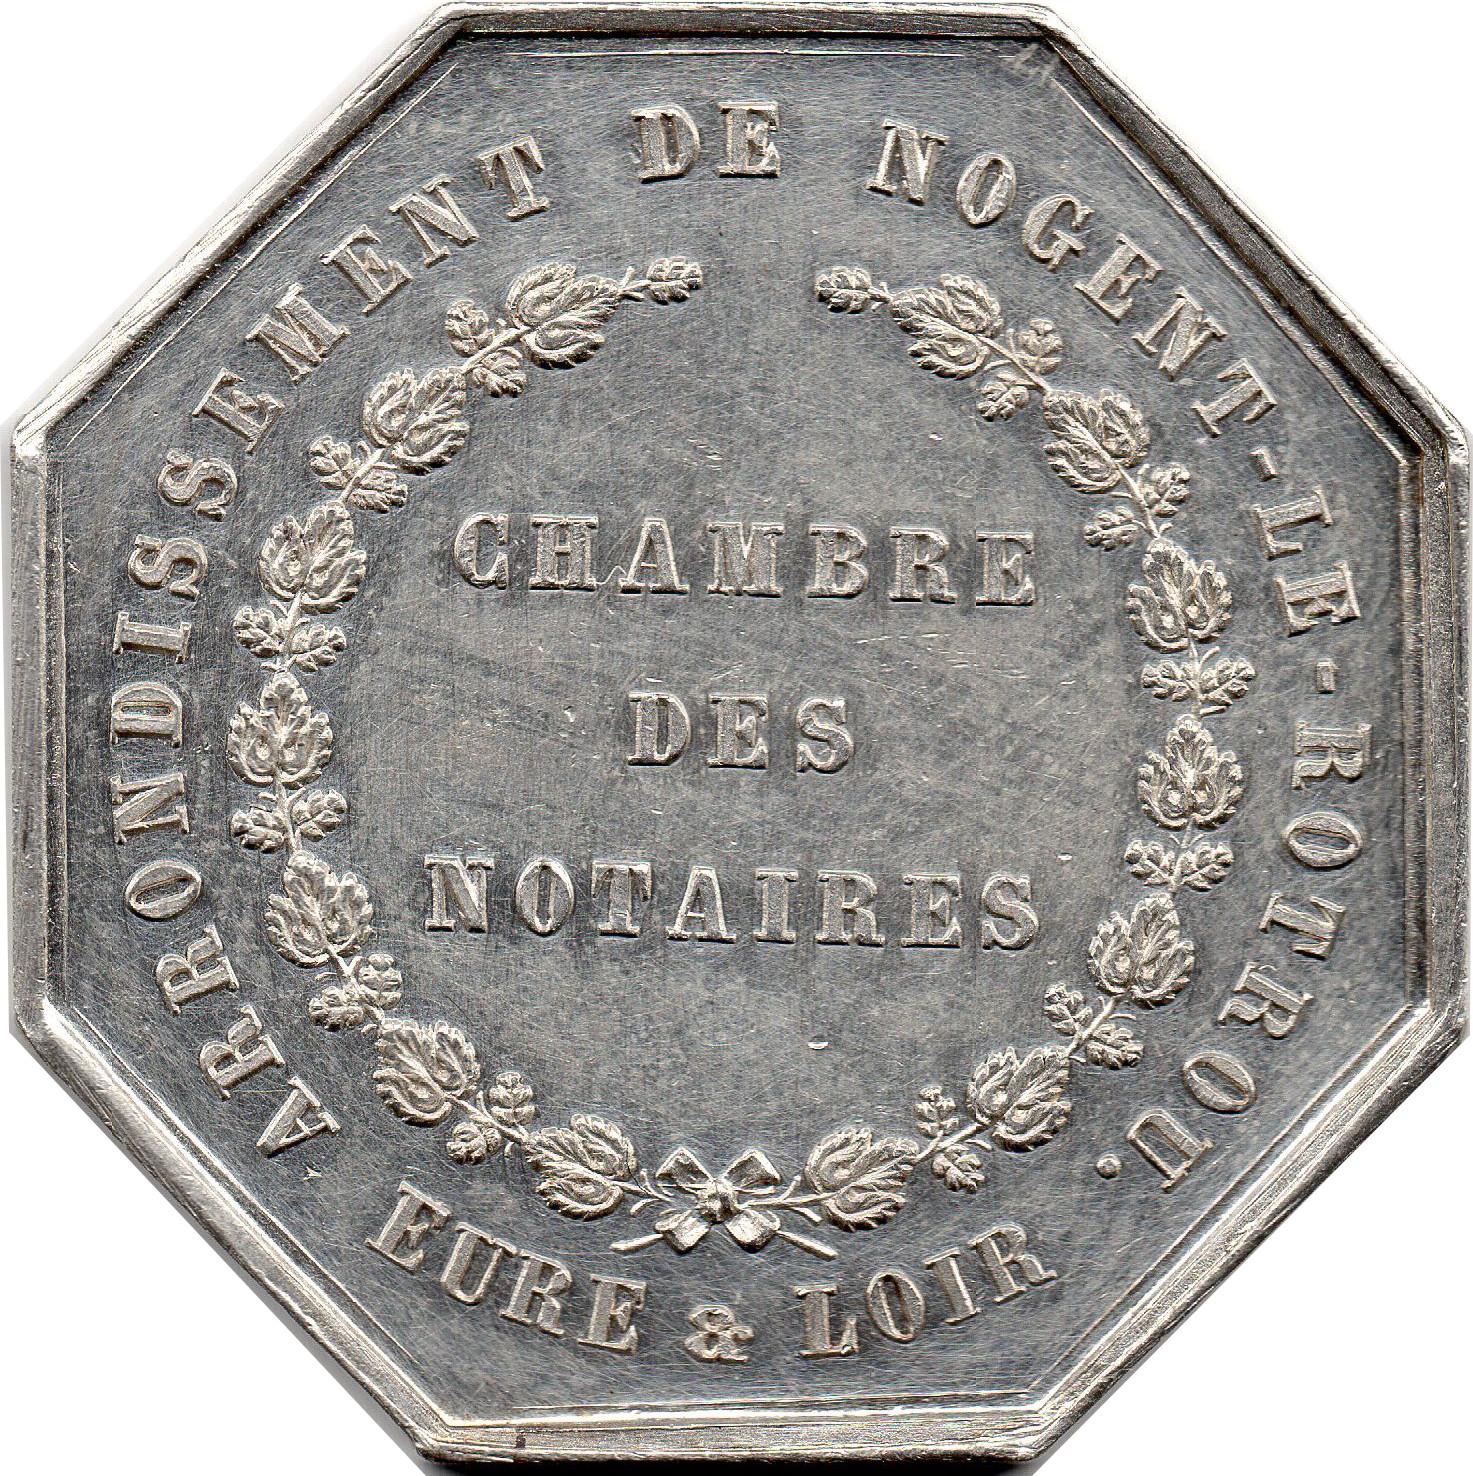 Jeton de la Chambre des Notaires dEure et Loir   Tokens   Numista